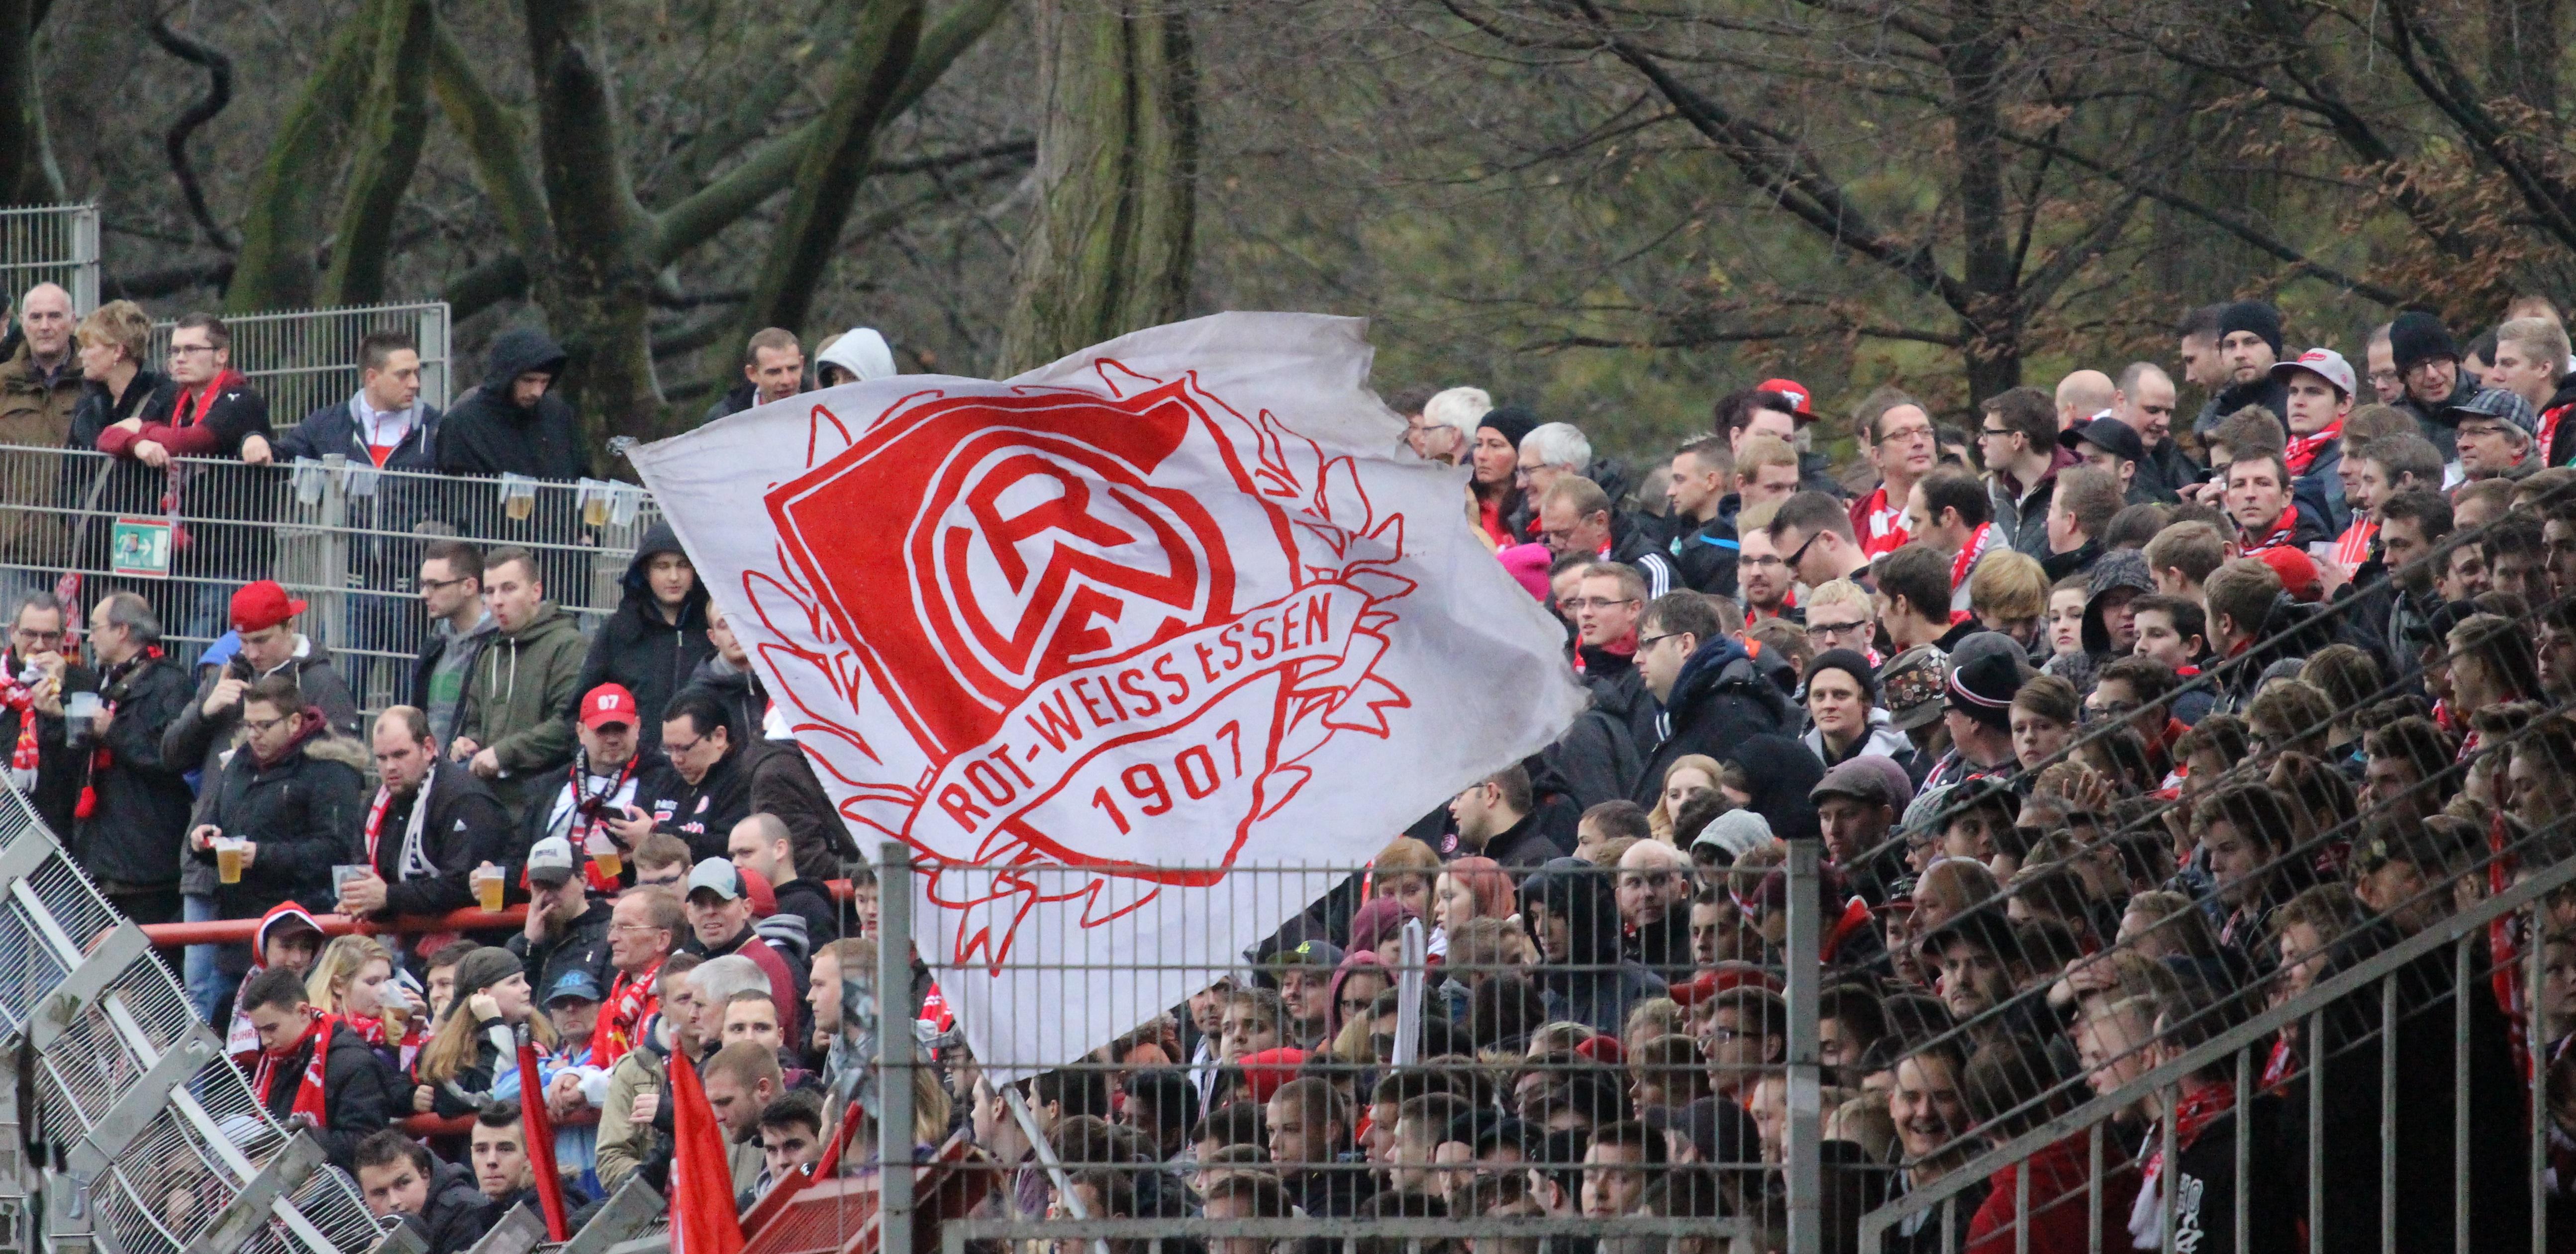 Am Samstag trifft Rot-Weiss Essen auf Rot-Weiß Oberhausen.